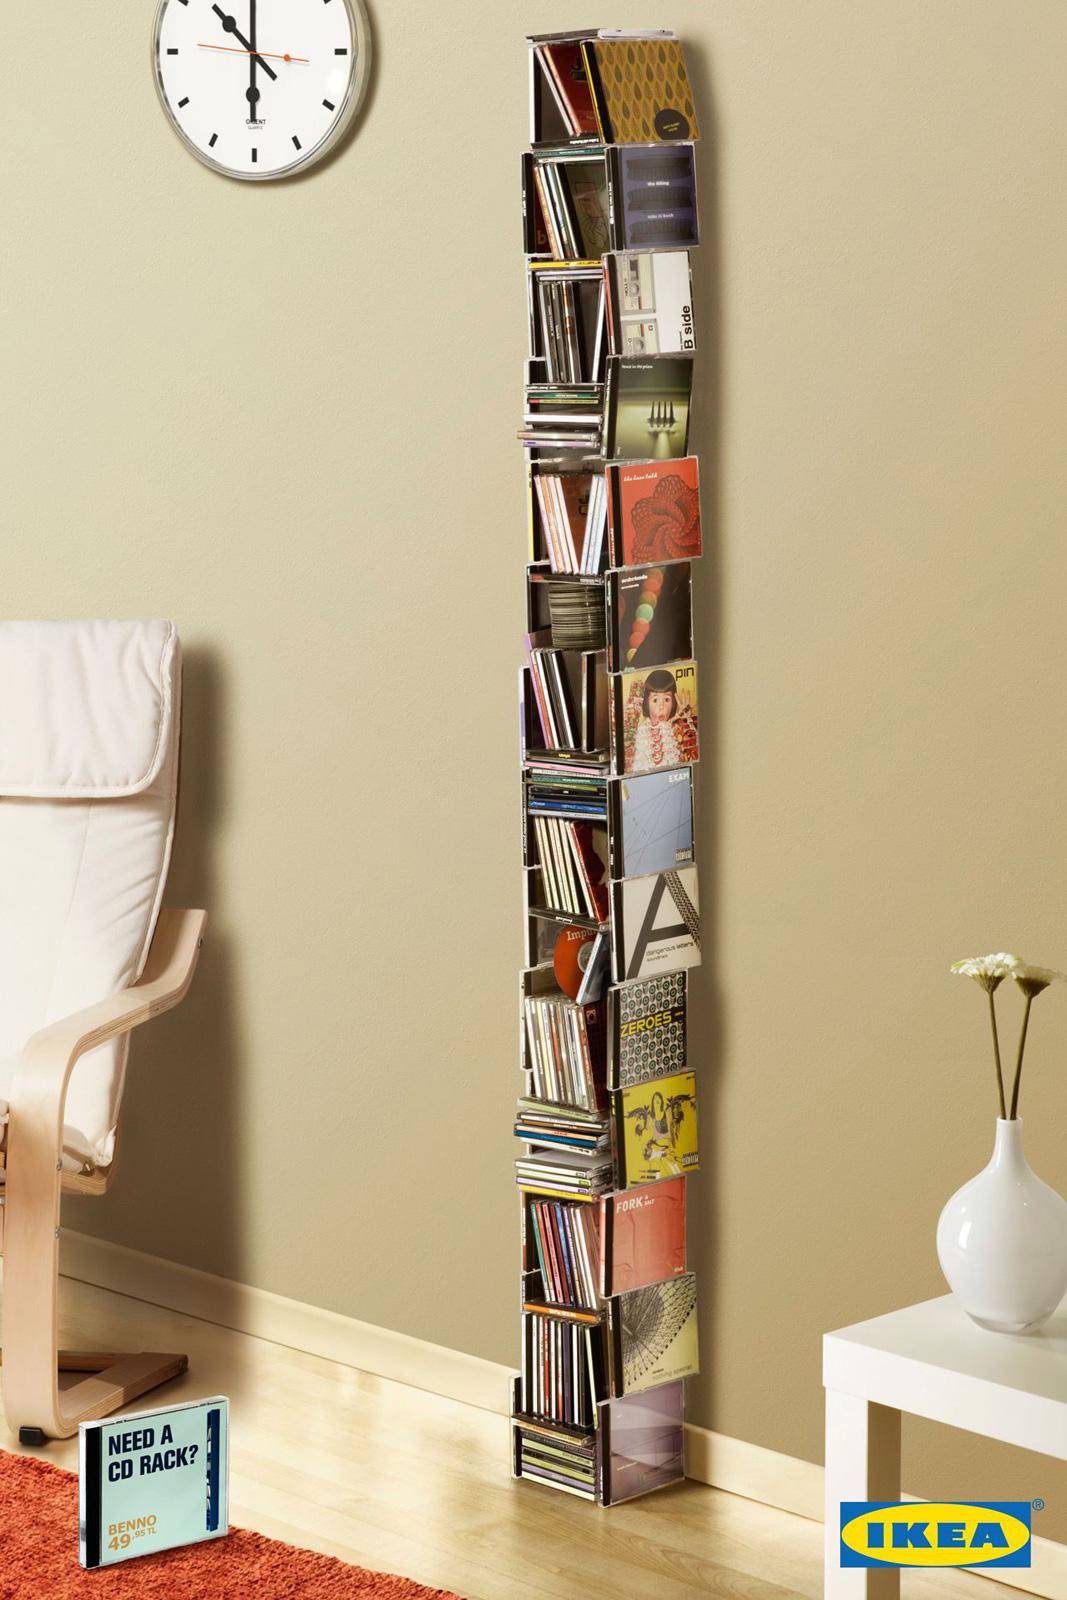 Ikea estanter a cd dvd libros - Estanteria libros ikea ...